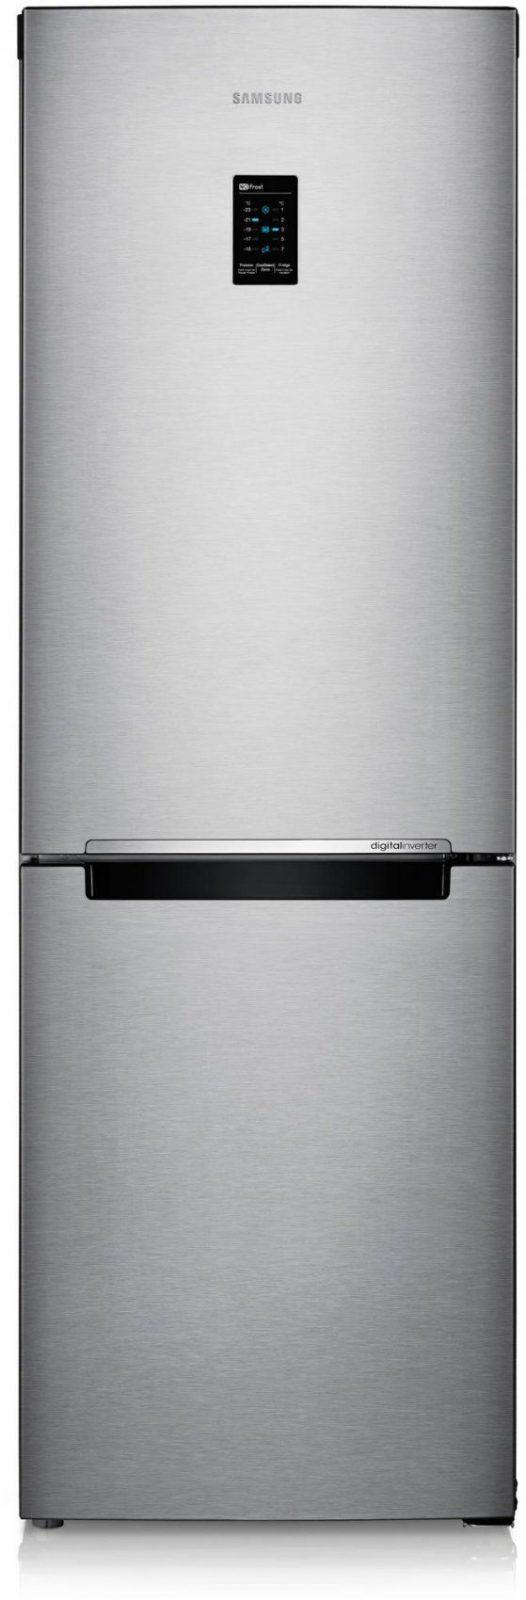 Samsung Rb29Ferncsa A++ Kühlgefrierkombination Edelstahllook 59 von Kühlkombination 50 Cm Breit Photo